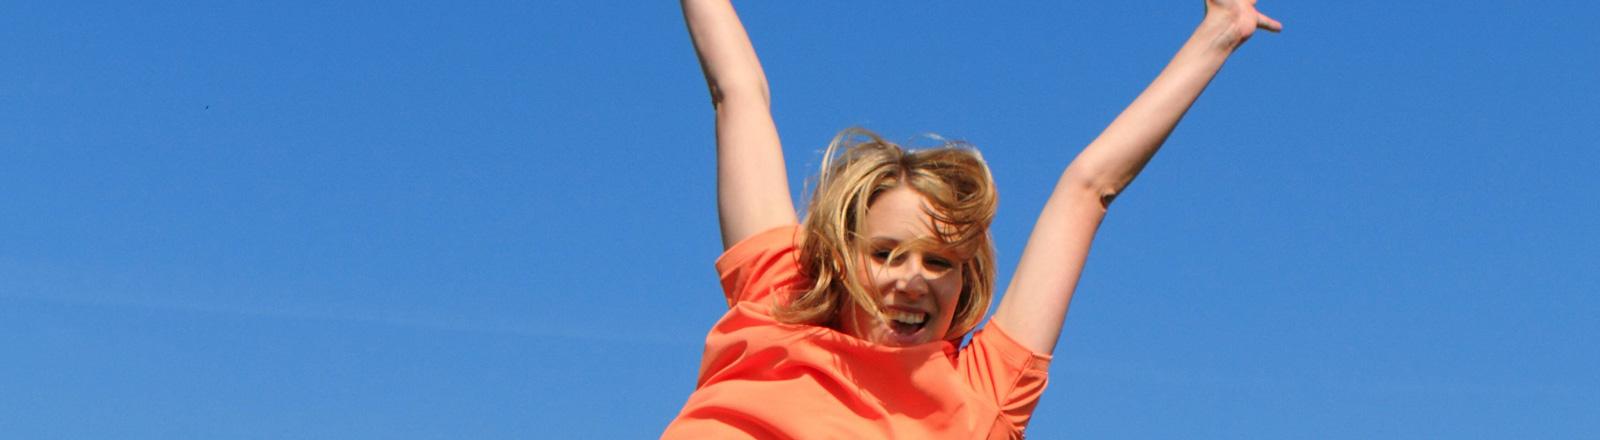 Glückliche springende Frau